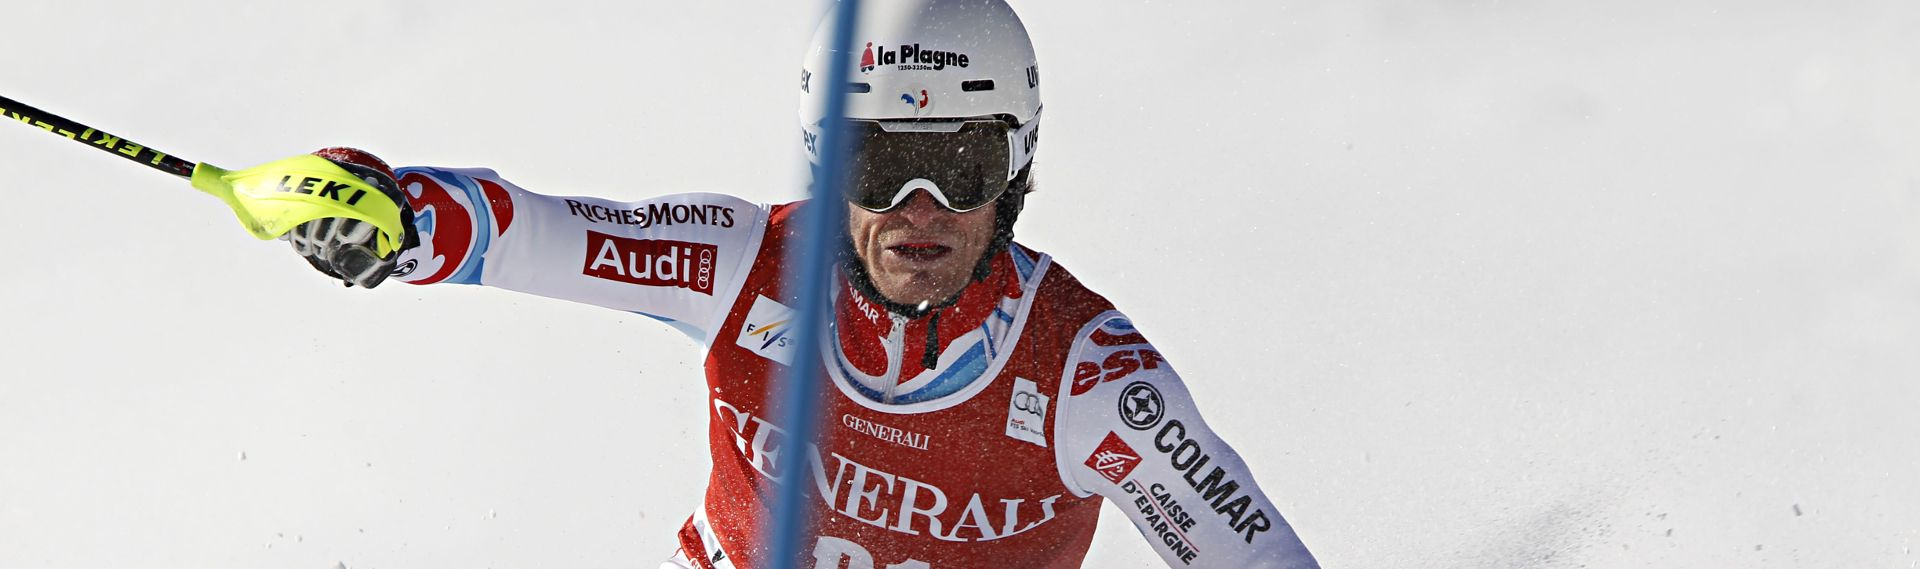 Julien-L-Membre de l'équipe de France et vice-champion du monde 2011-2